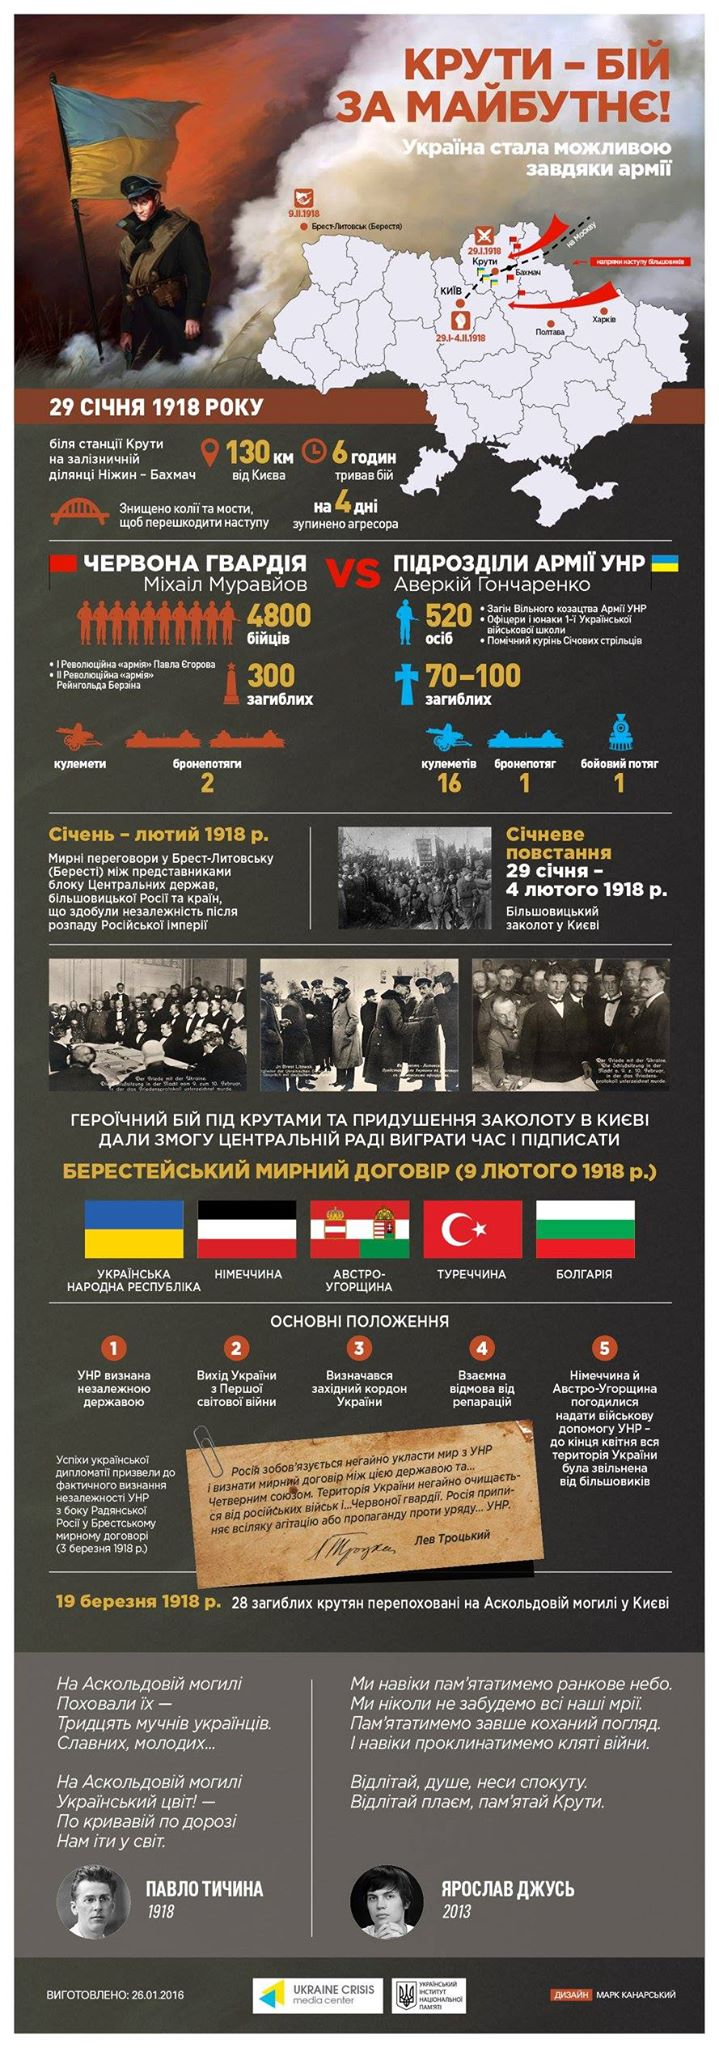 Крути Інфографіка Український Кризовий Медіацентр